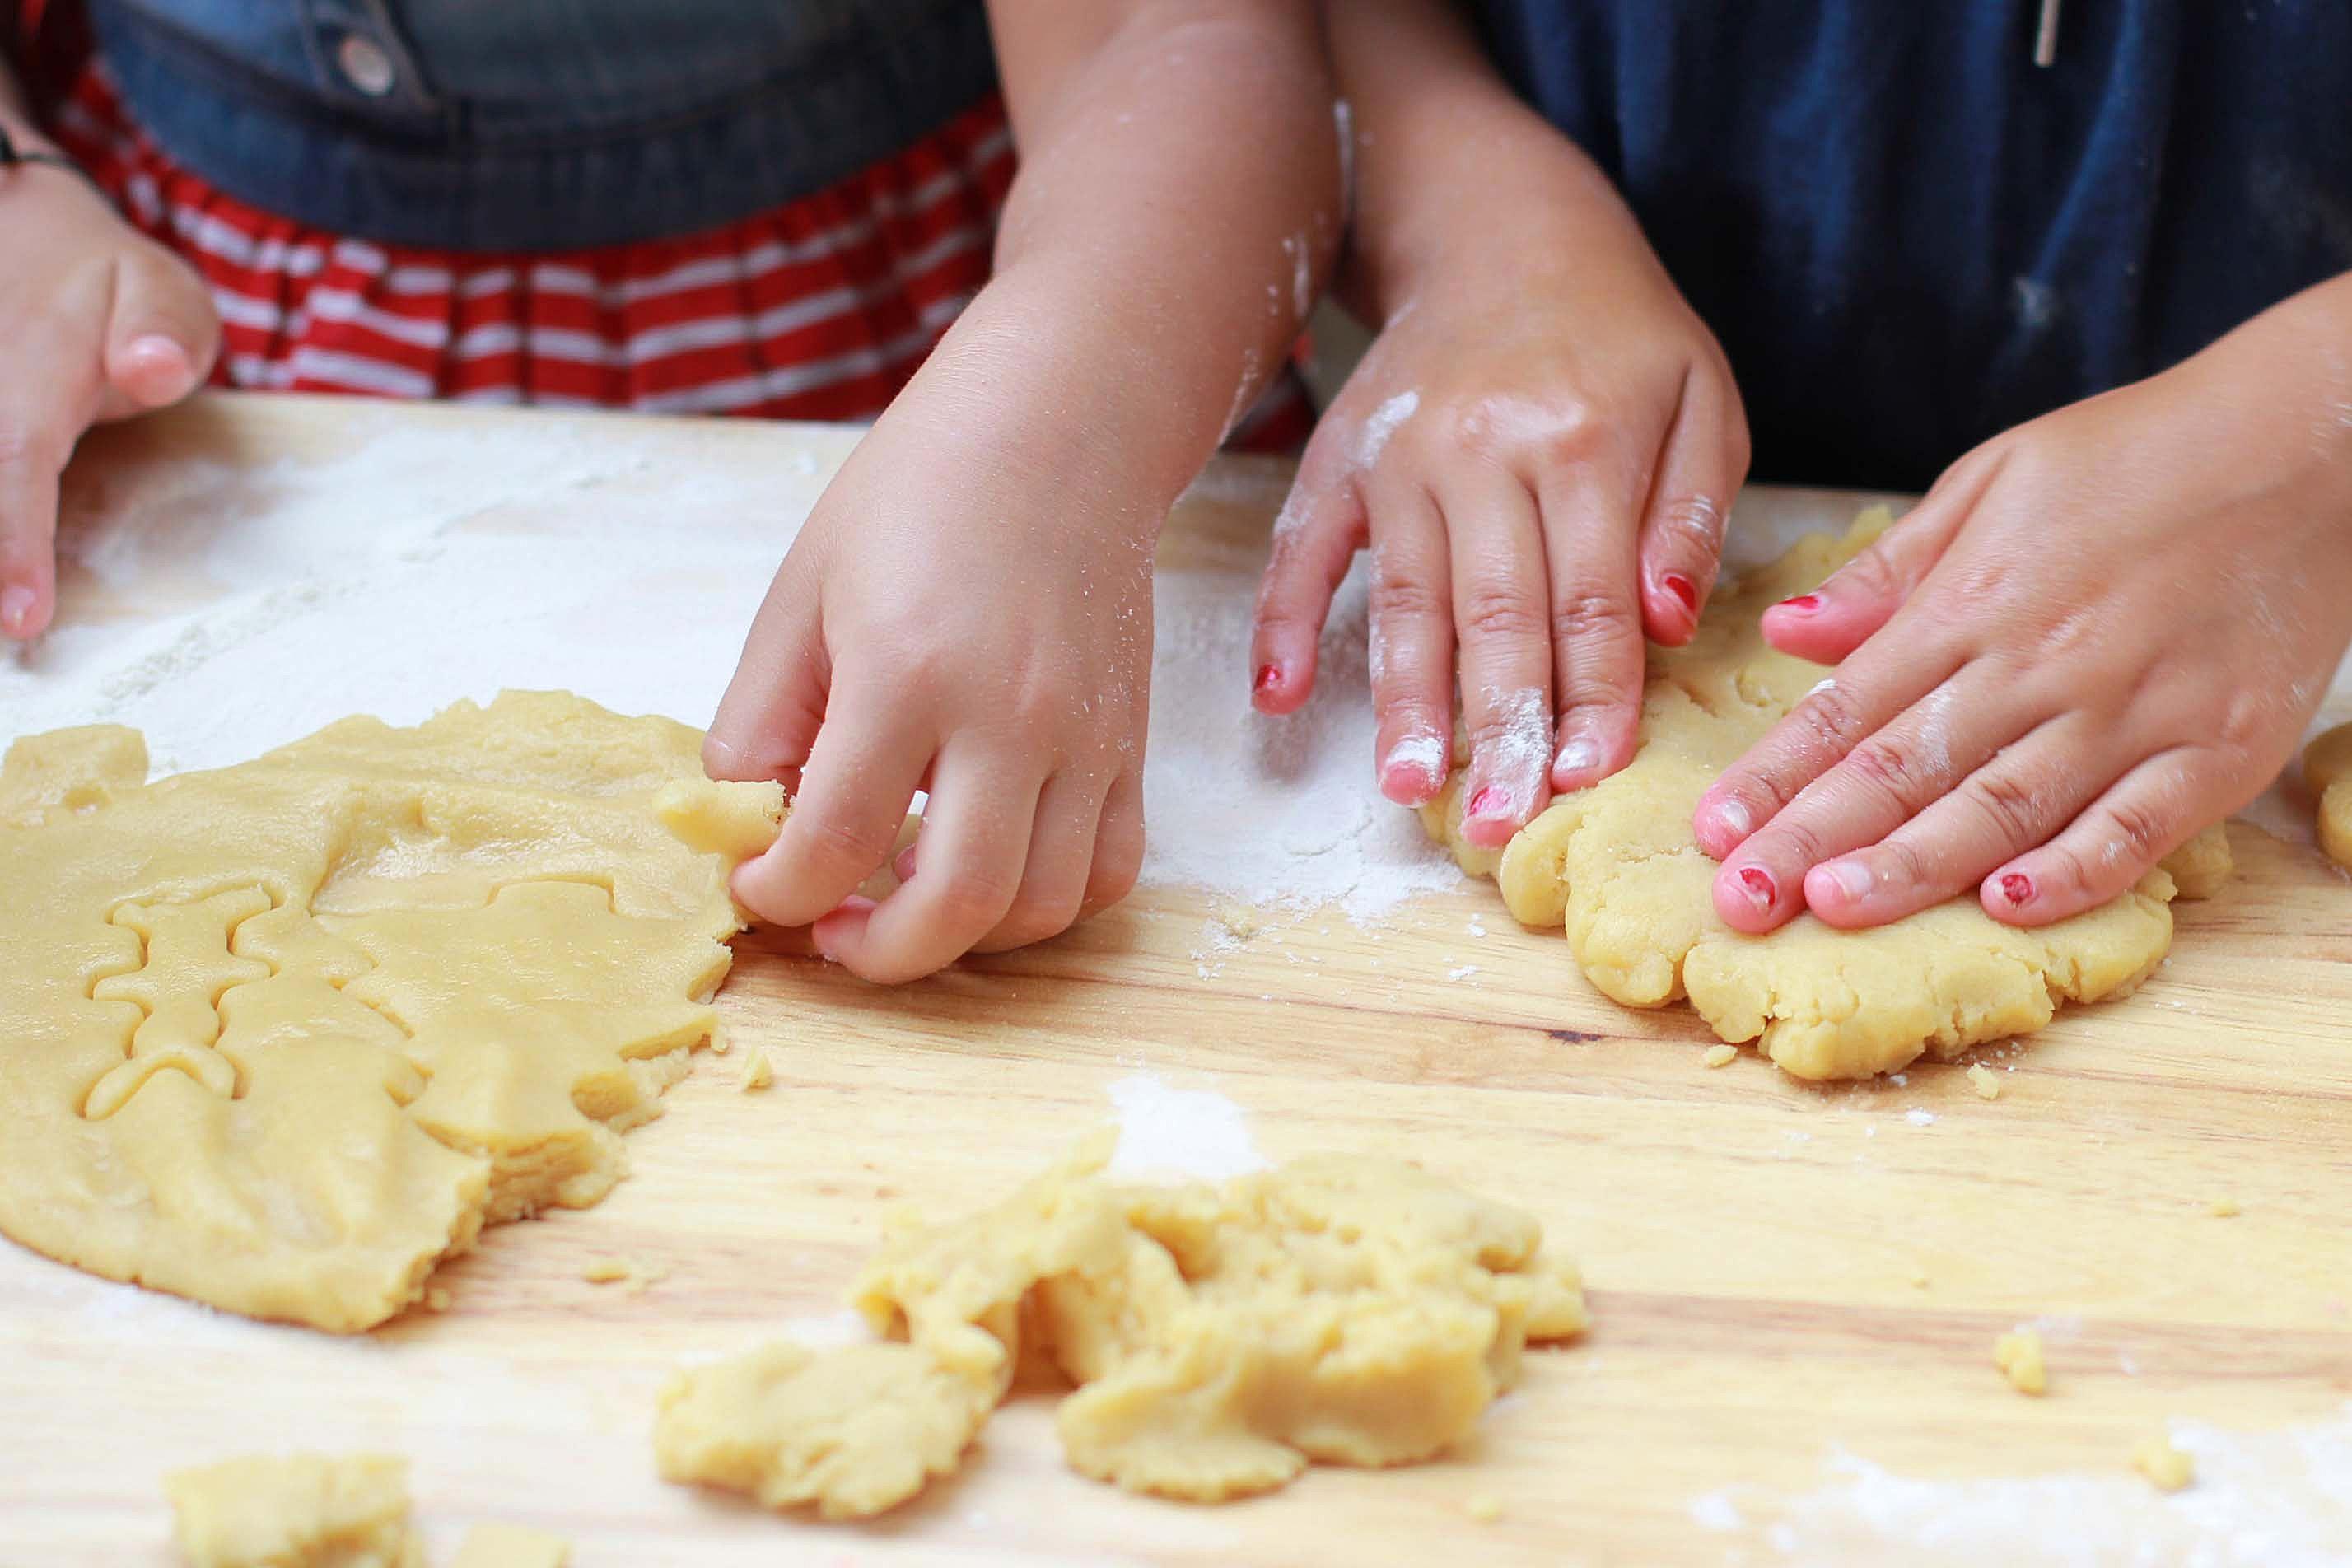 recetas f ciles para cocinar con ni os